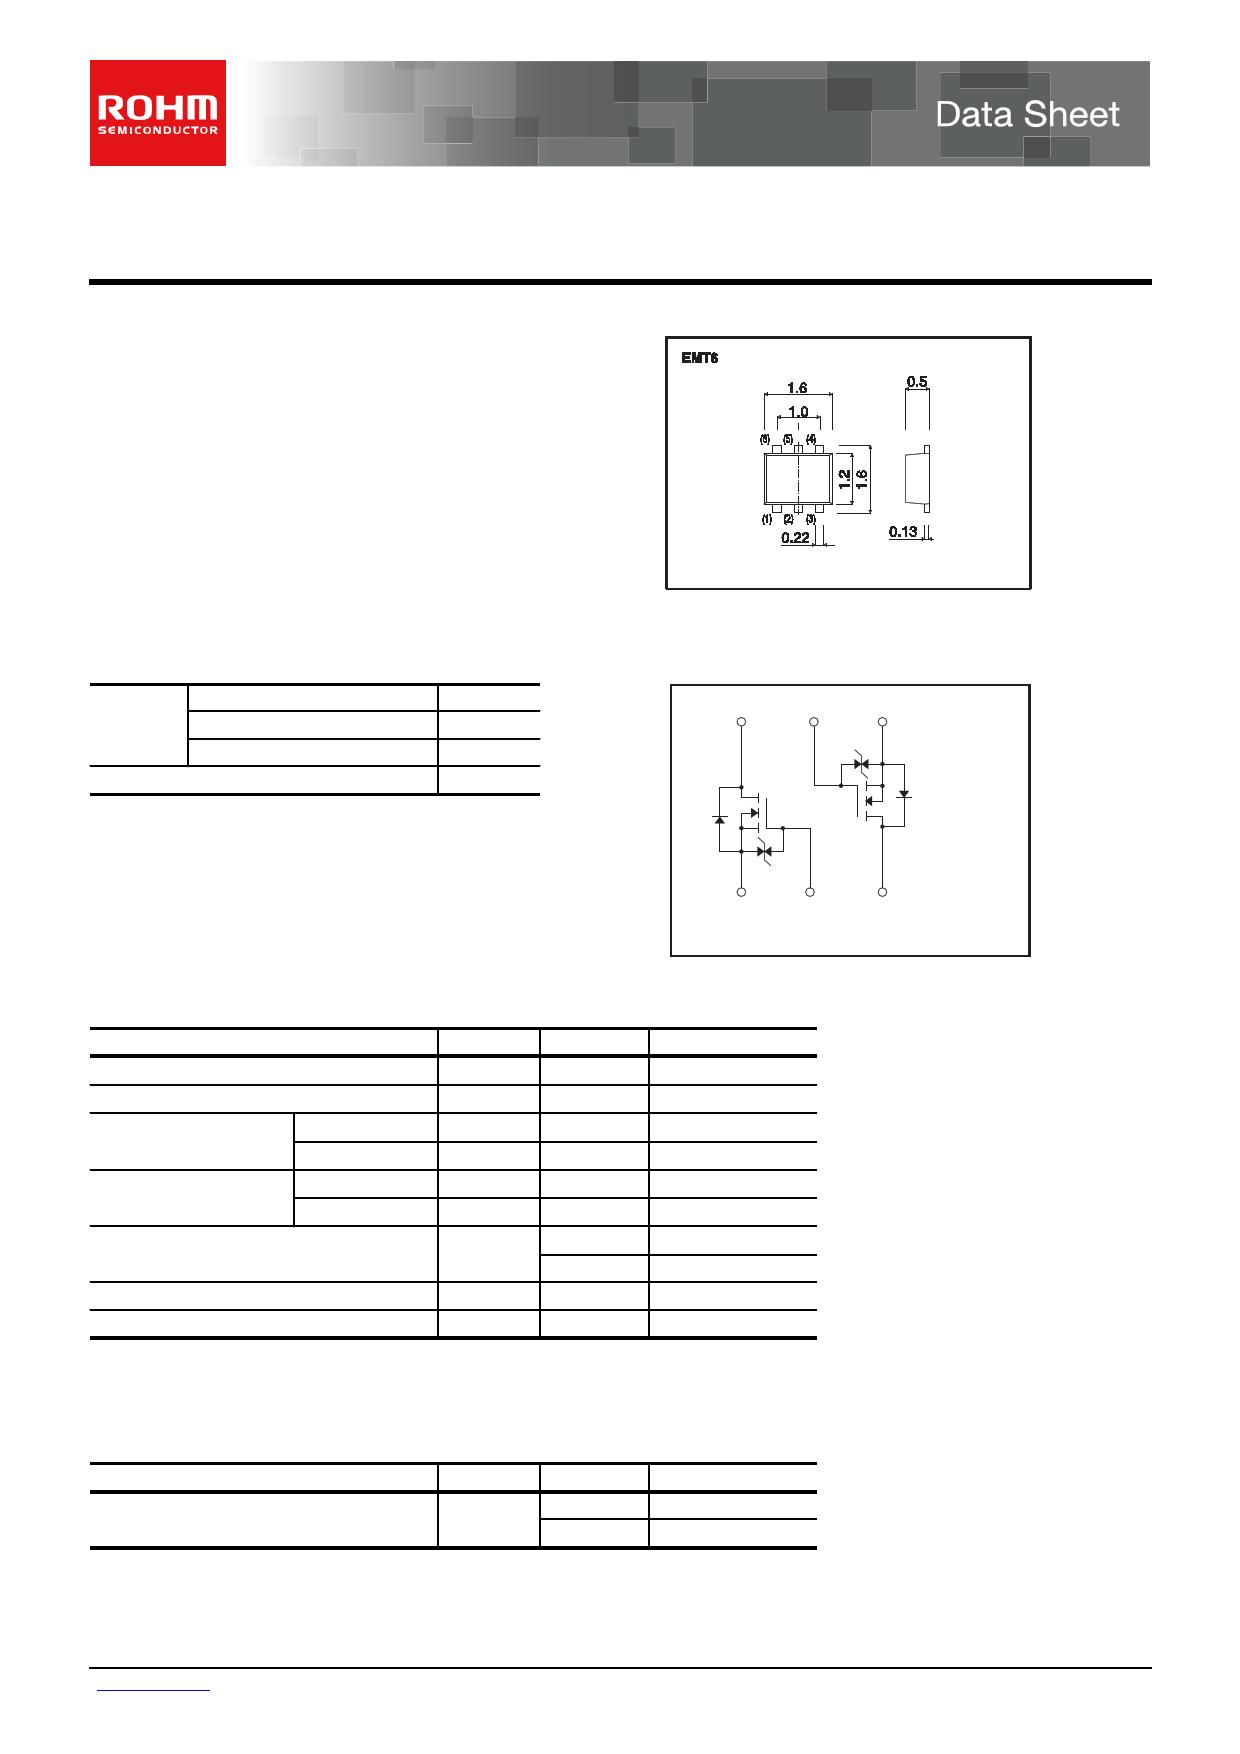 EM6K33 데이터시트 및 EM6K33 PDF